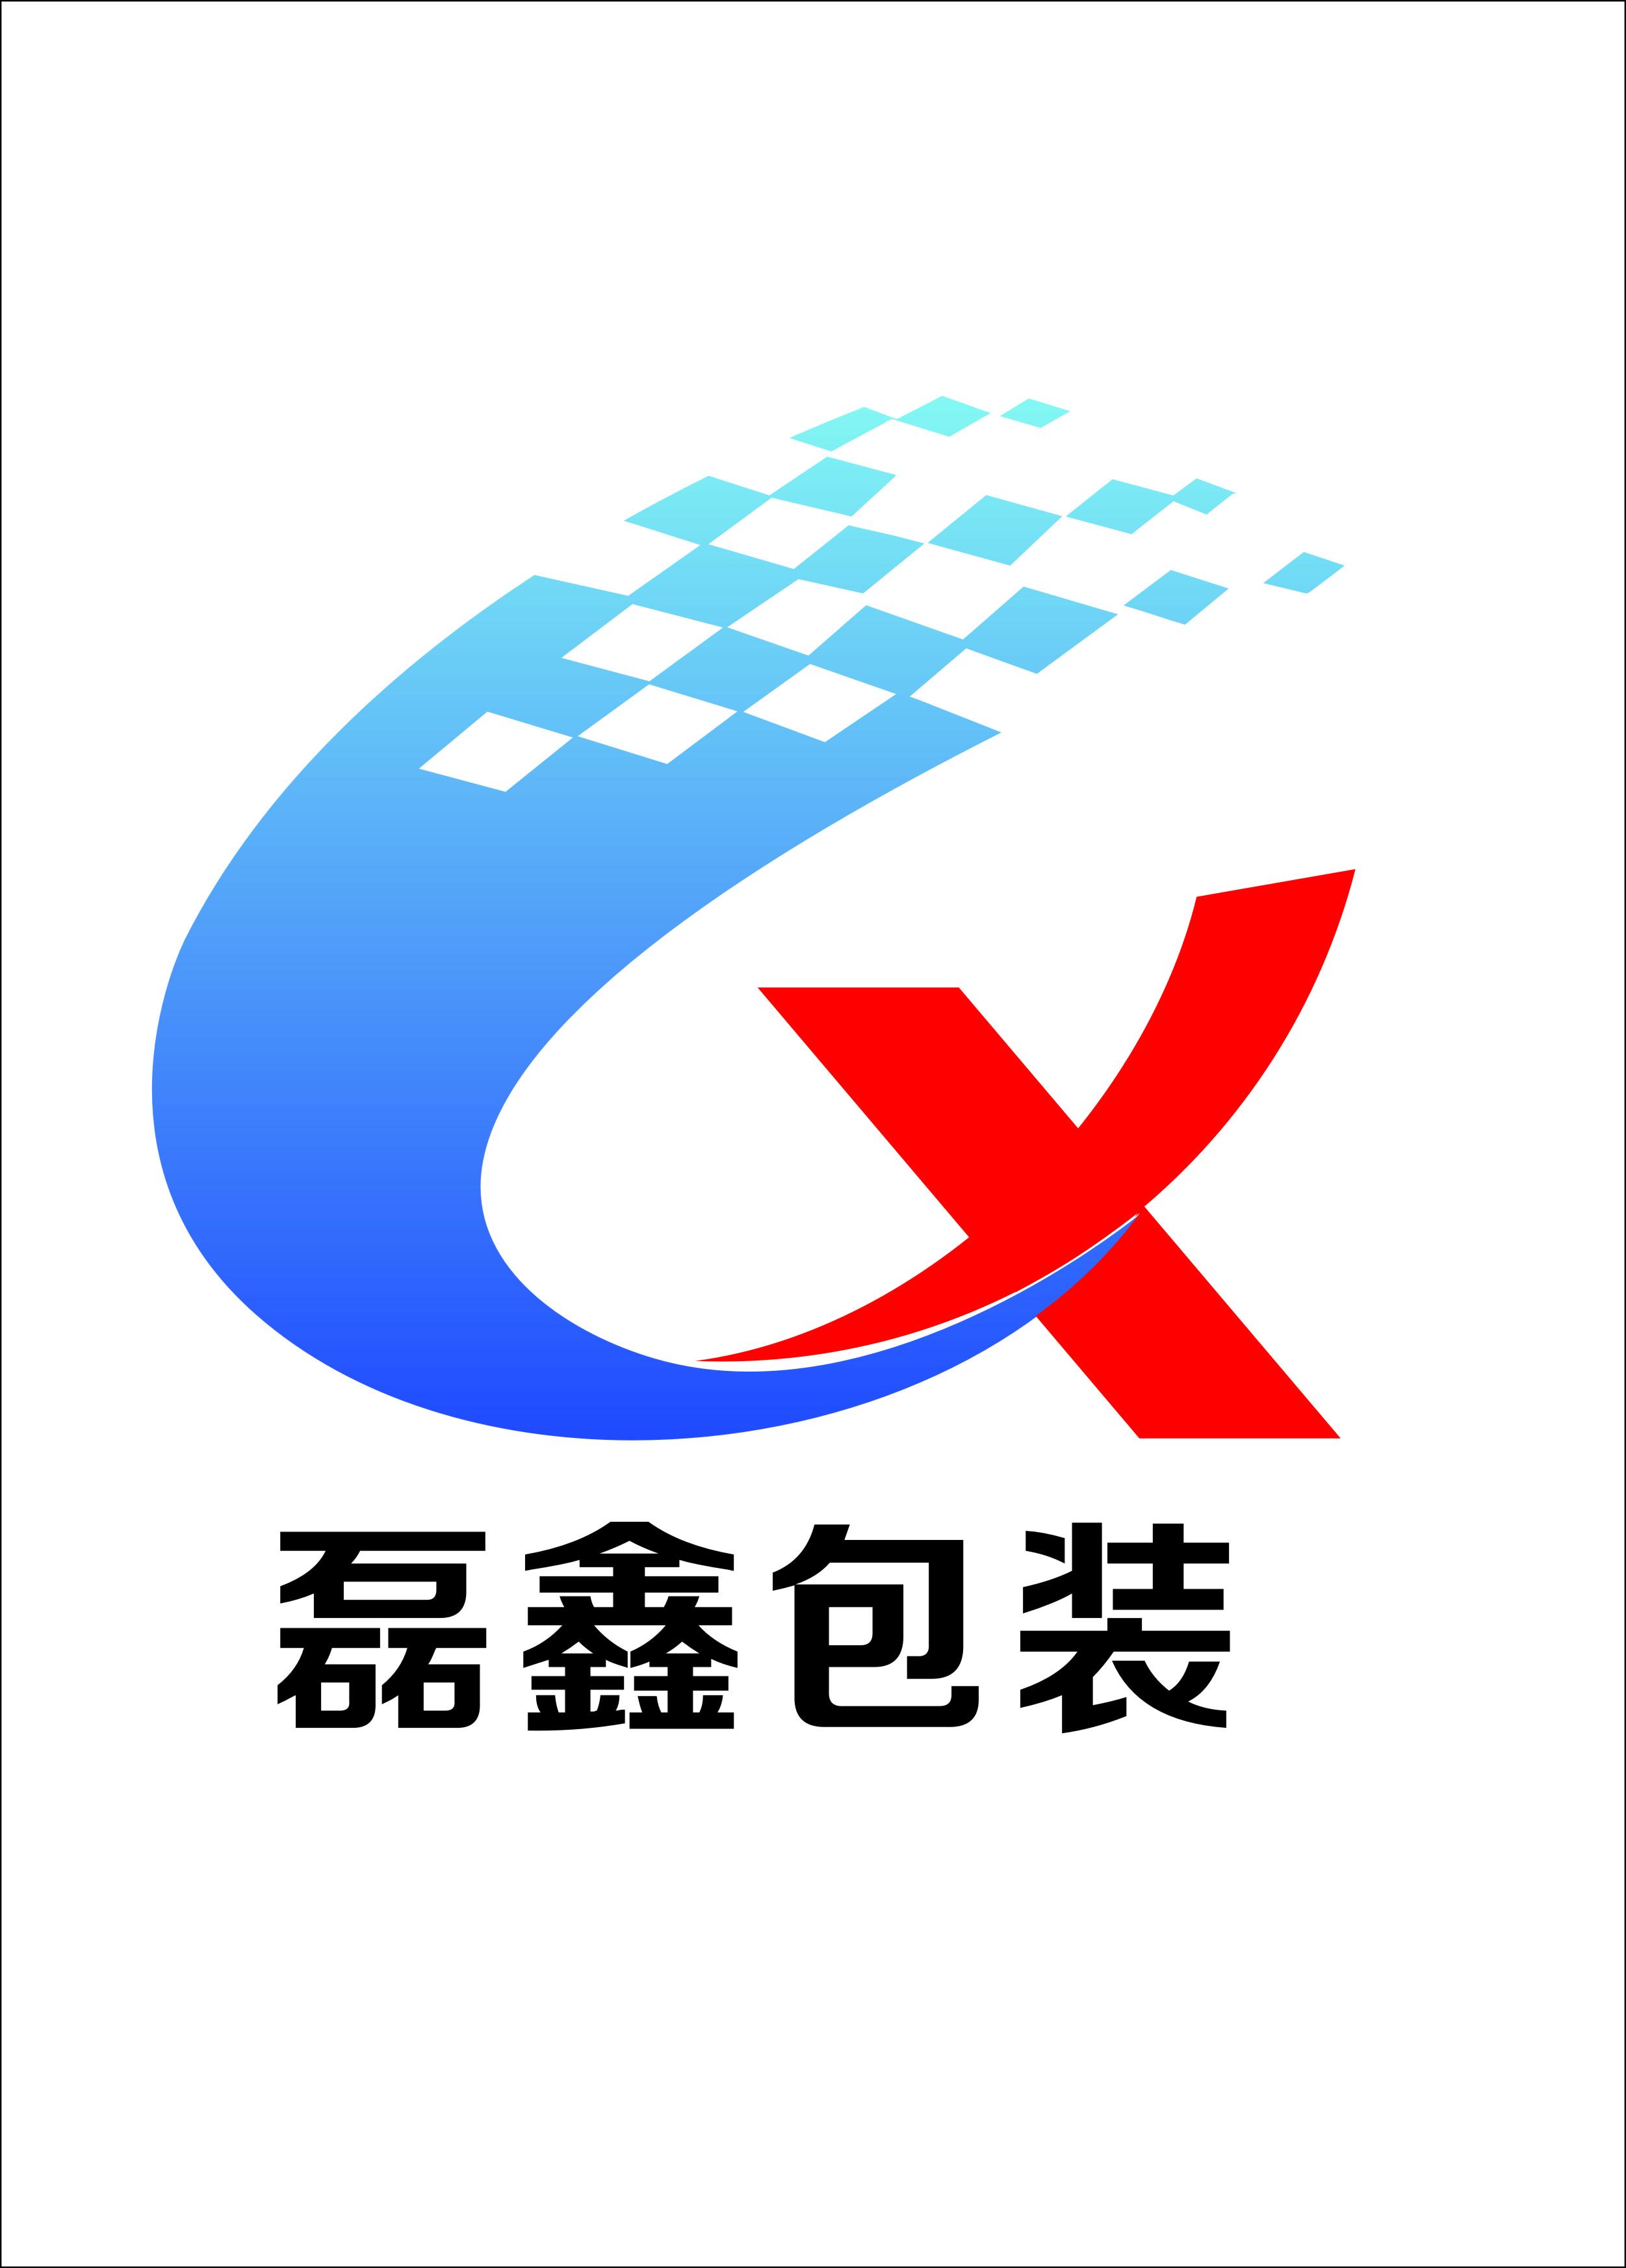 河南磊鑫包装有限公司